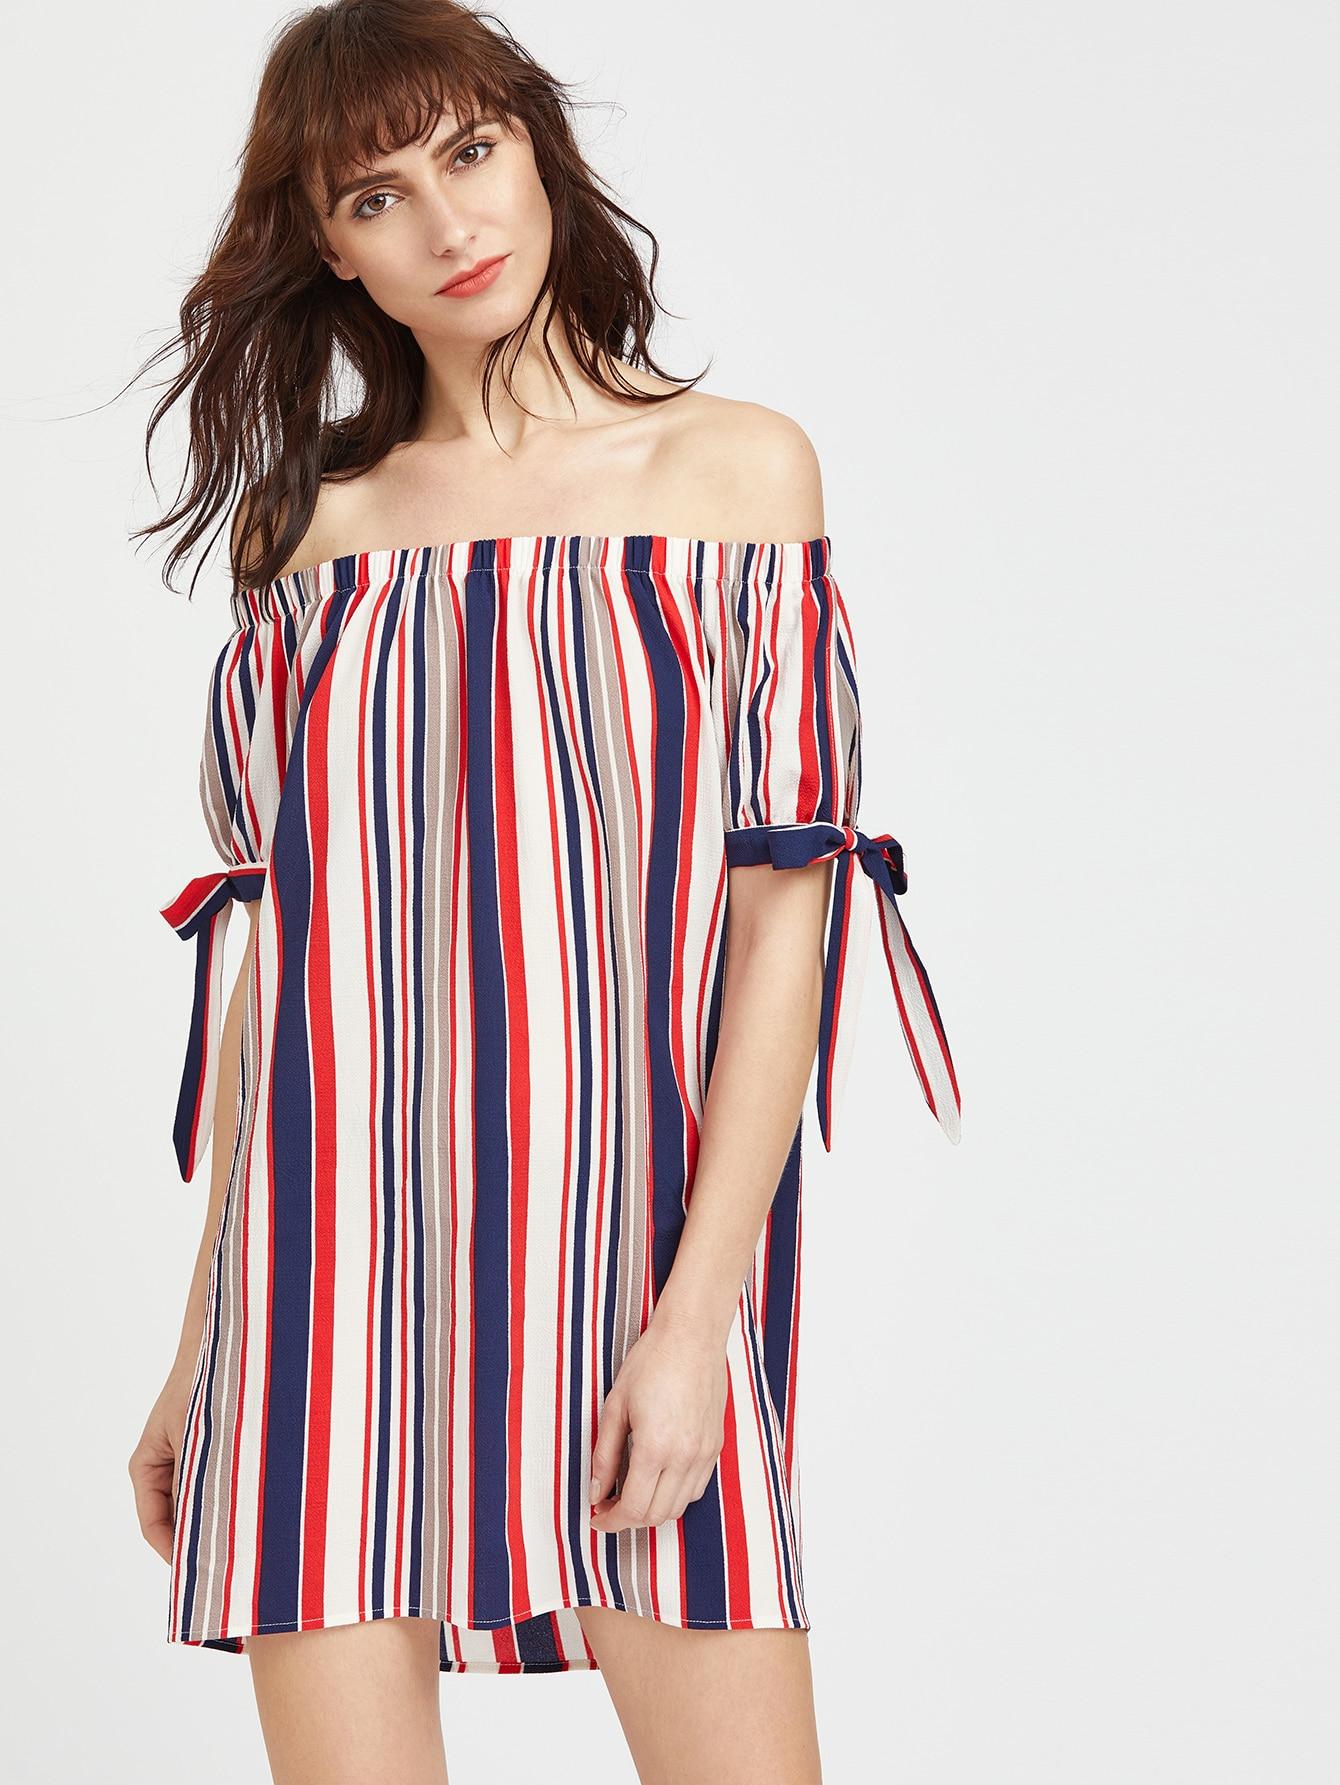 dress170320701_2